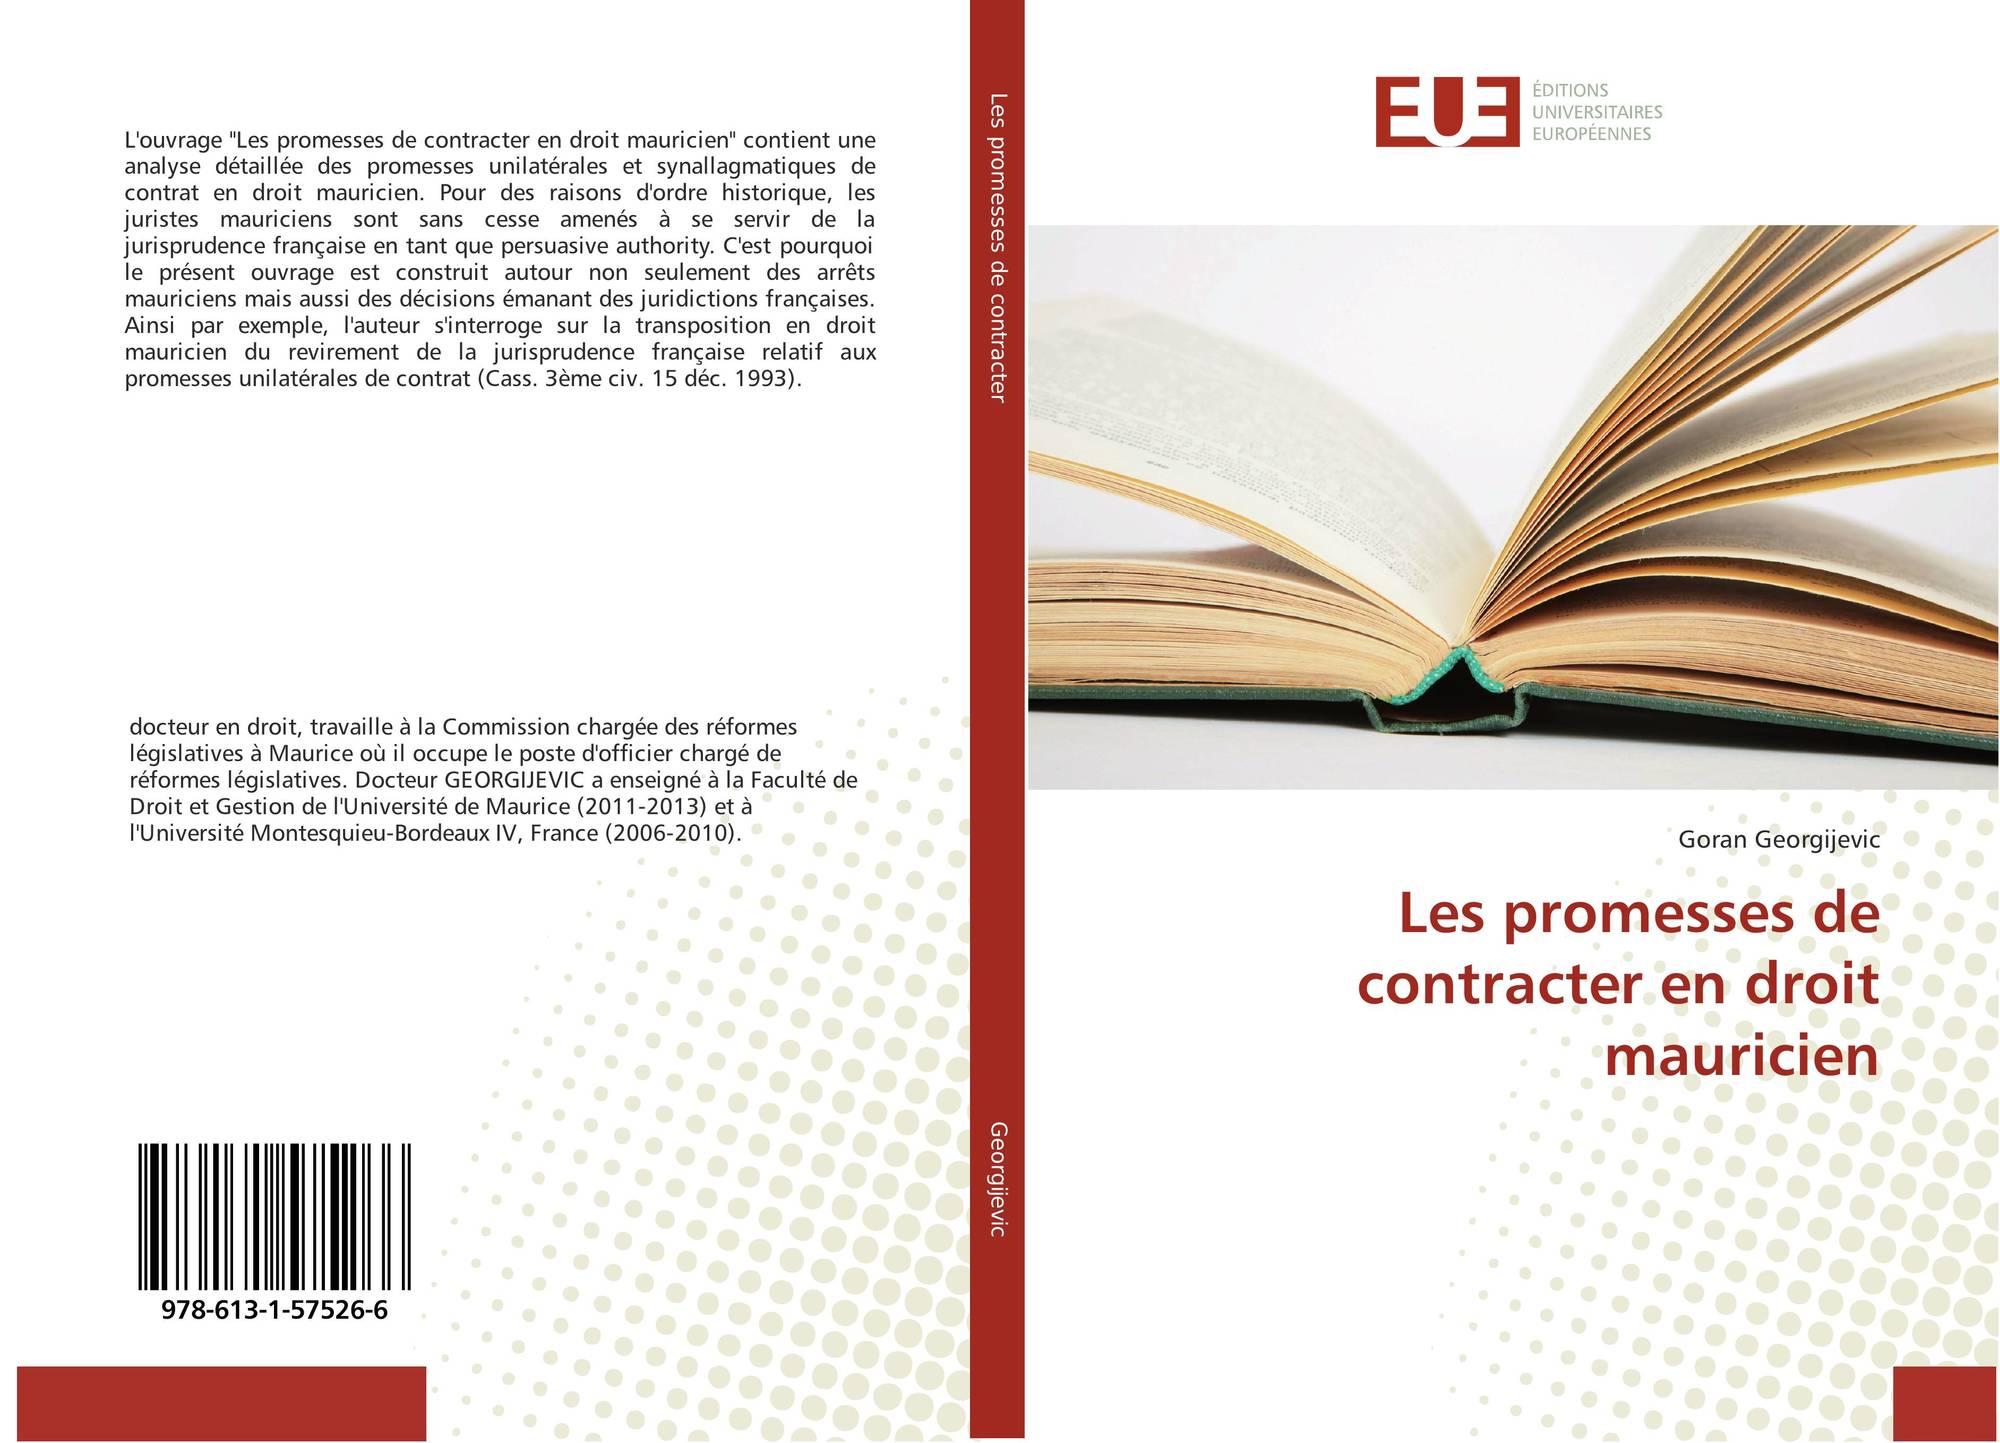 Les Promesses De Contracter En Droit Mauricien 978 613 1 57526 6 6131575266 9786131575266 De Goran Georgijevic